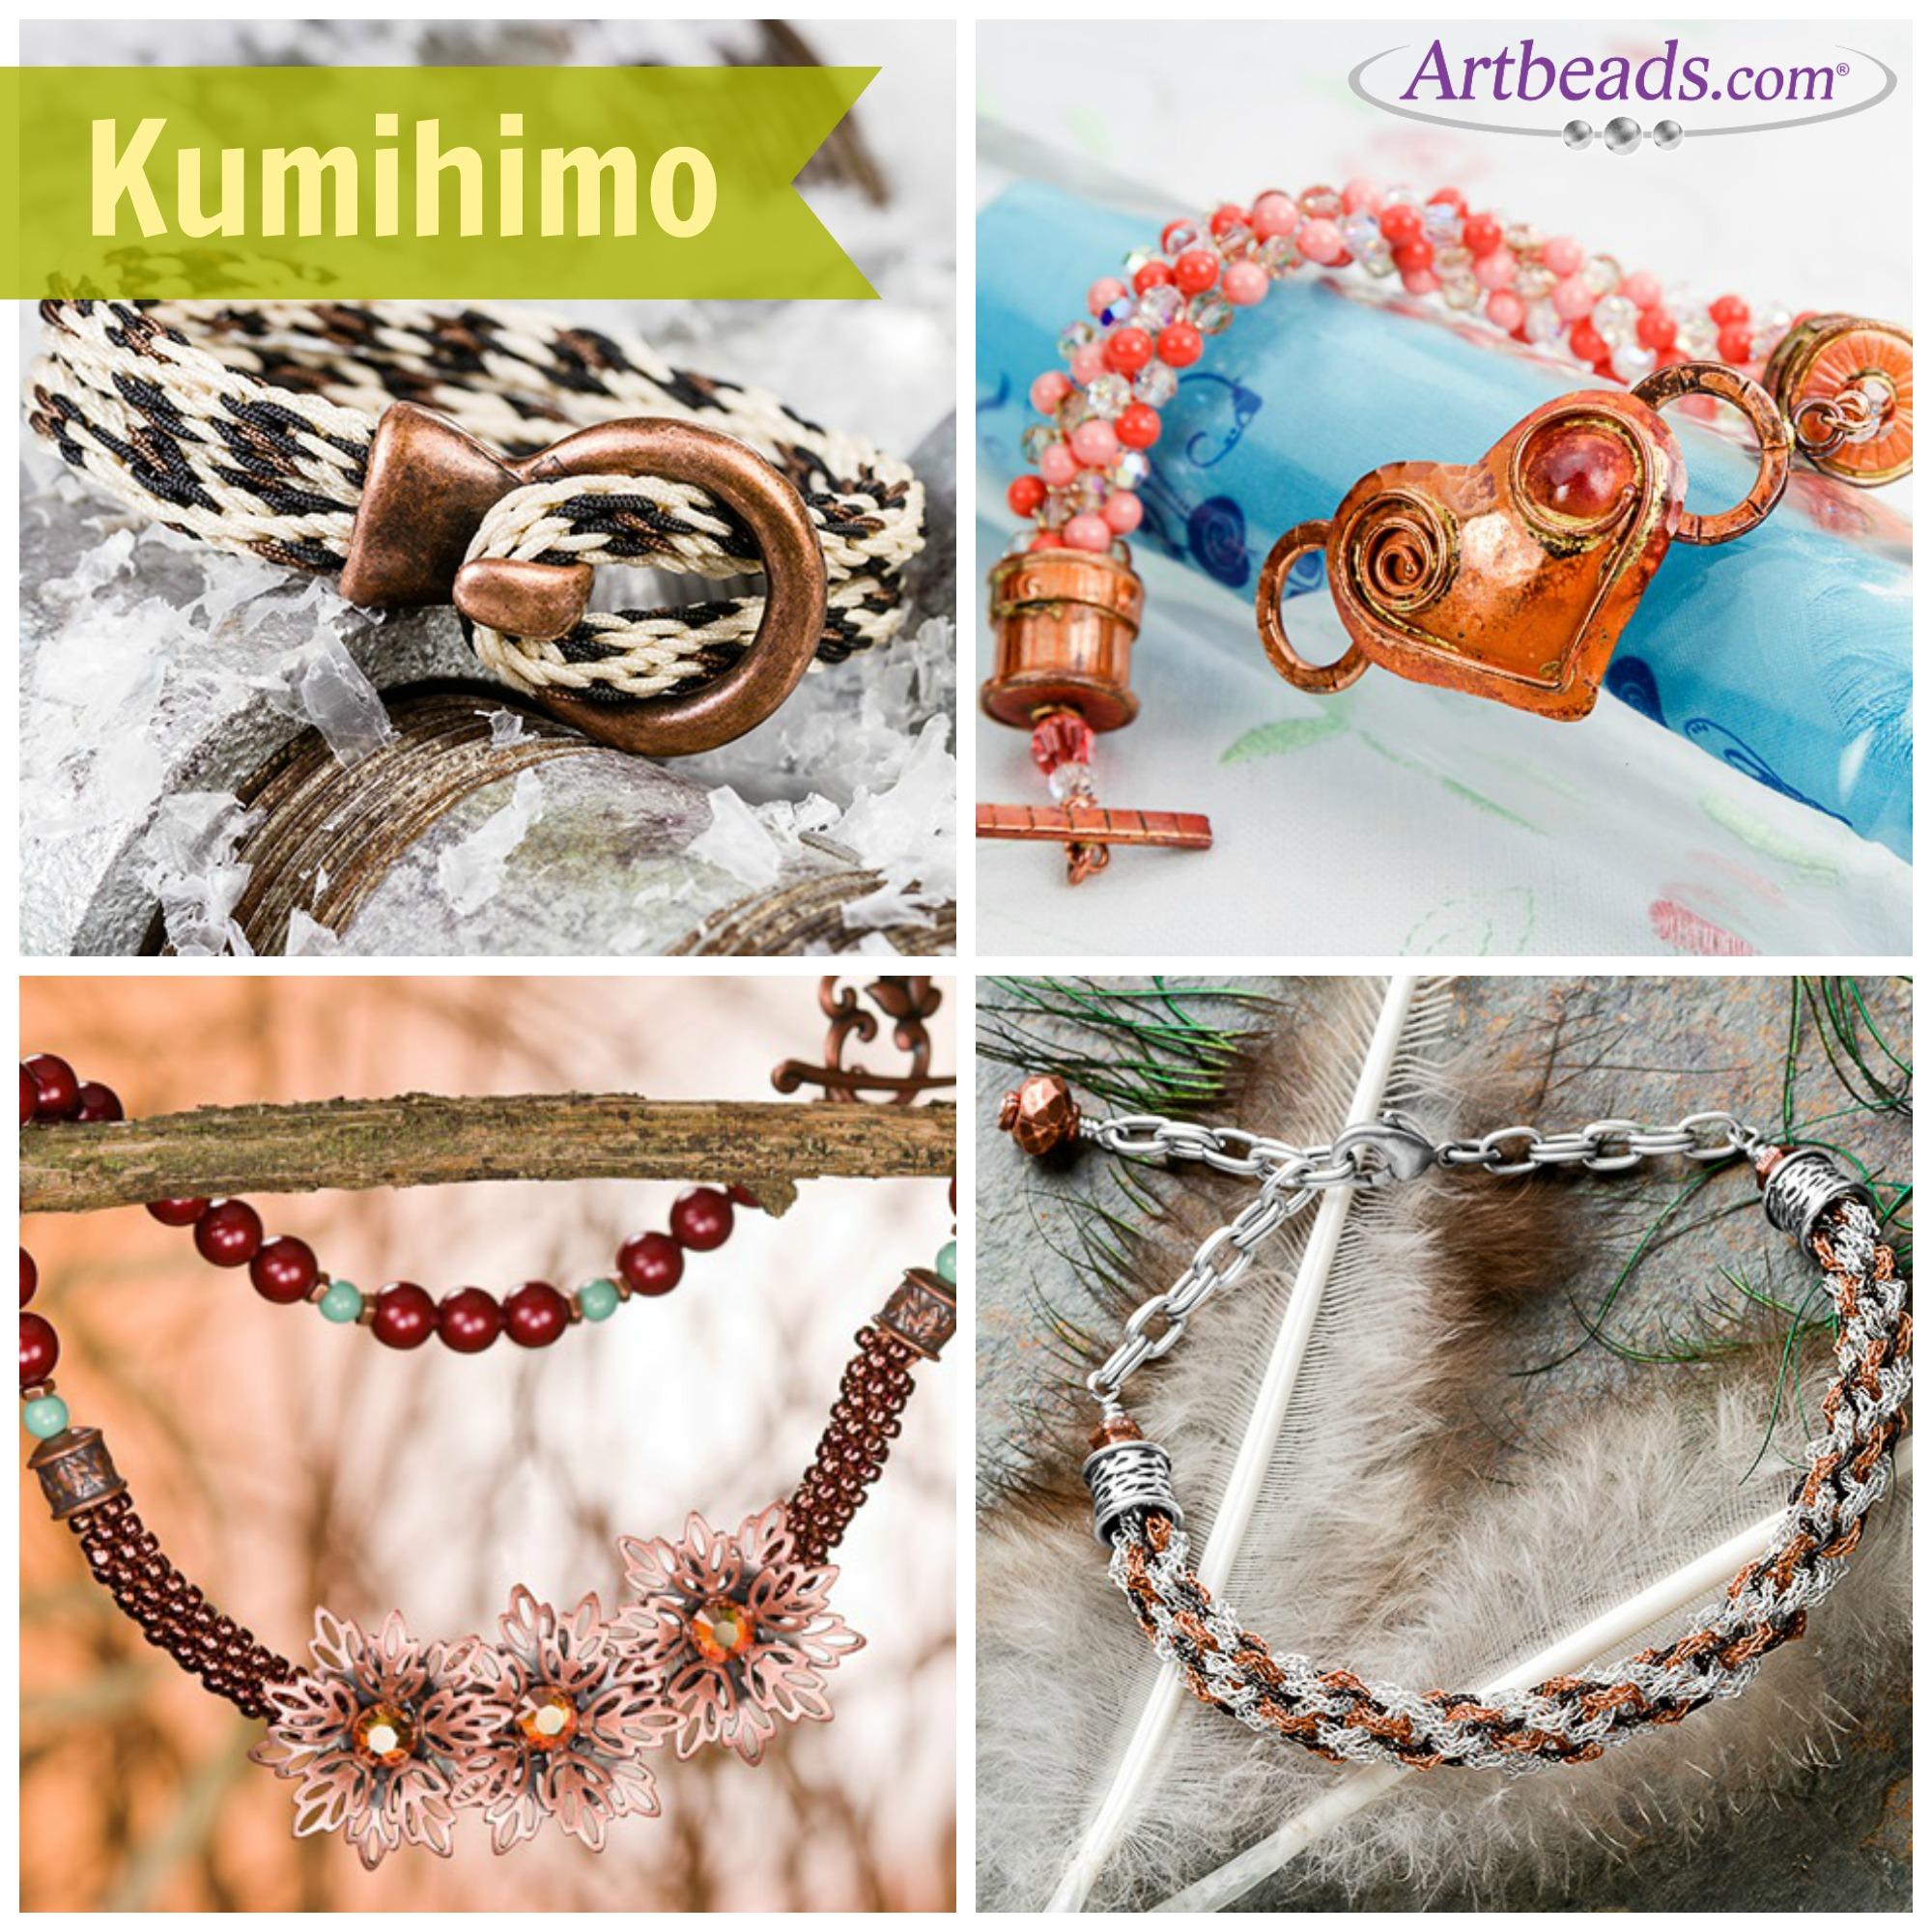 Kumihimo at Artbeads